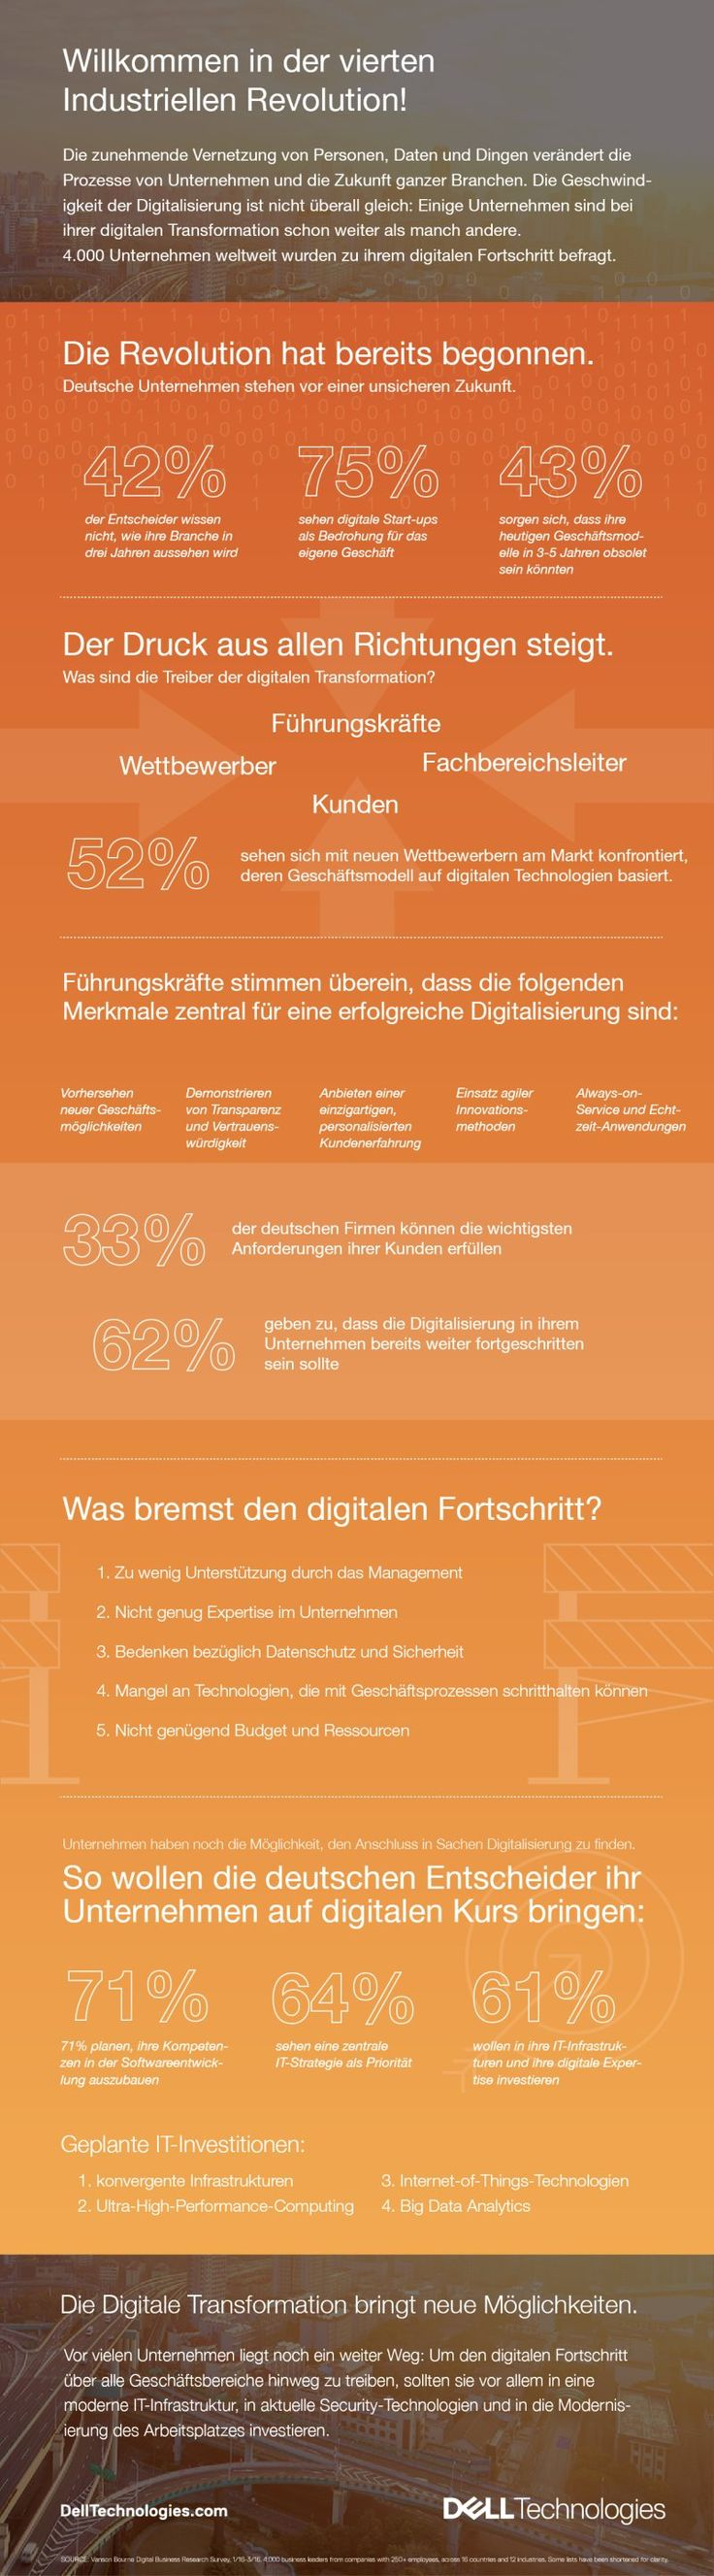 """""""#Digitalisierung: 43 Prozent der Firmen fürchten Ende ihres Geschäftsmodells"""" [via @kroker]"""